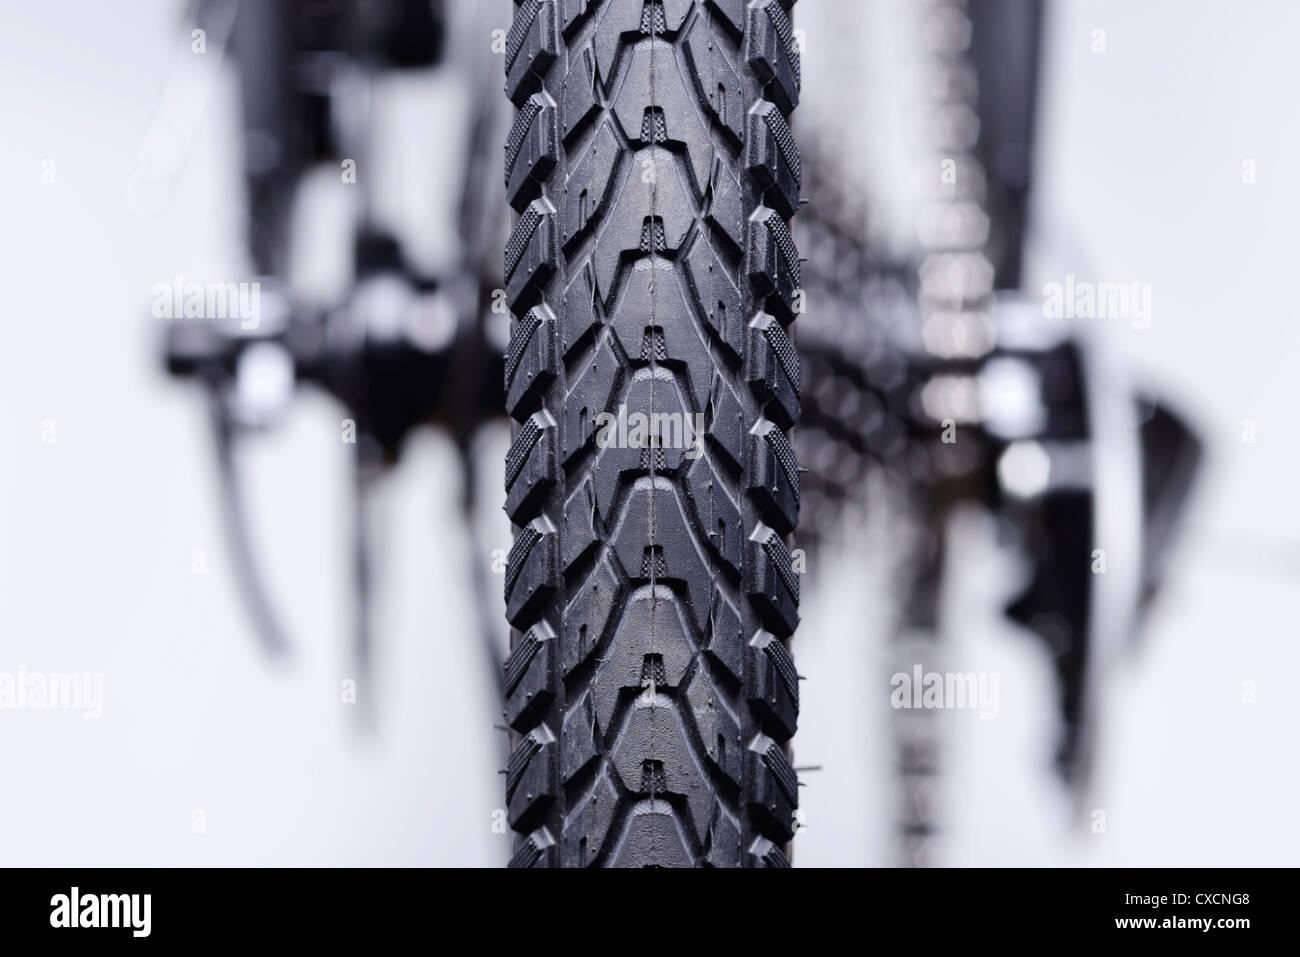 Abstrakten Detail der Hinterrad Getriebe und Bremsen eines Fahrrads Stockbild